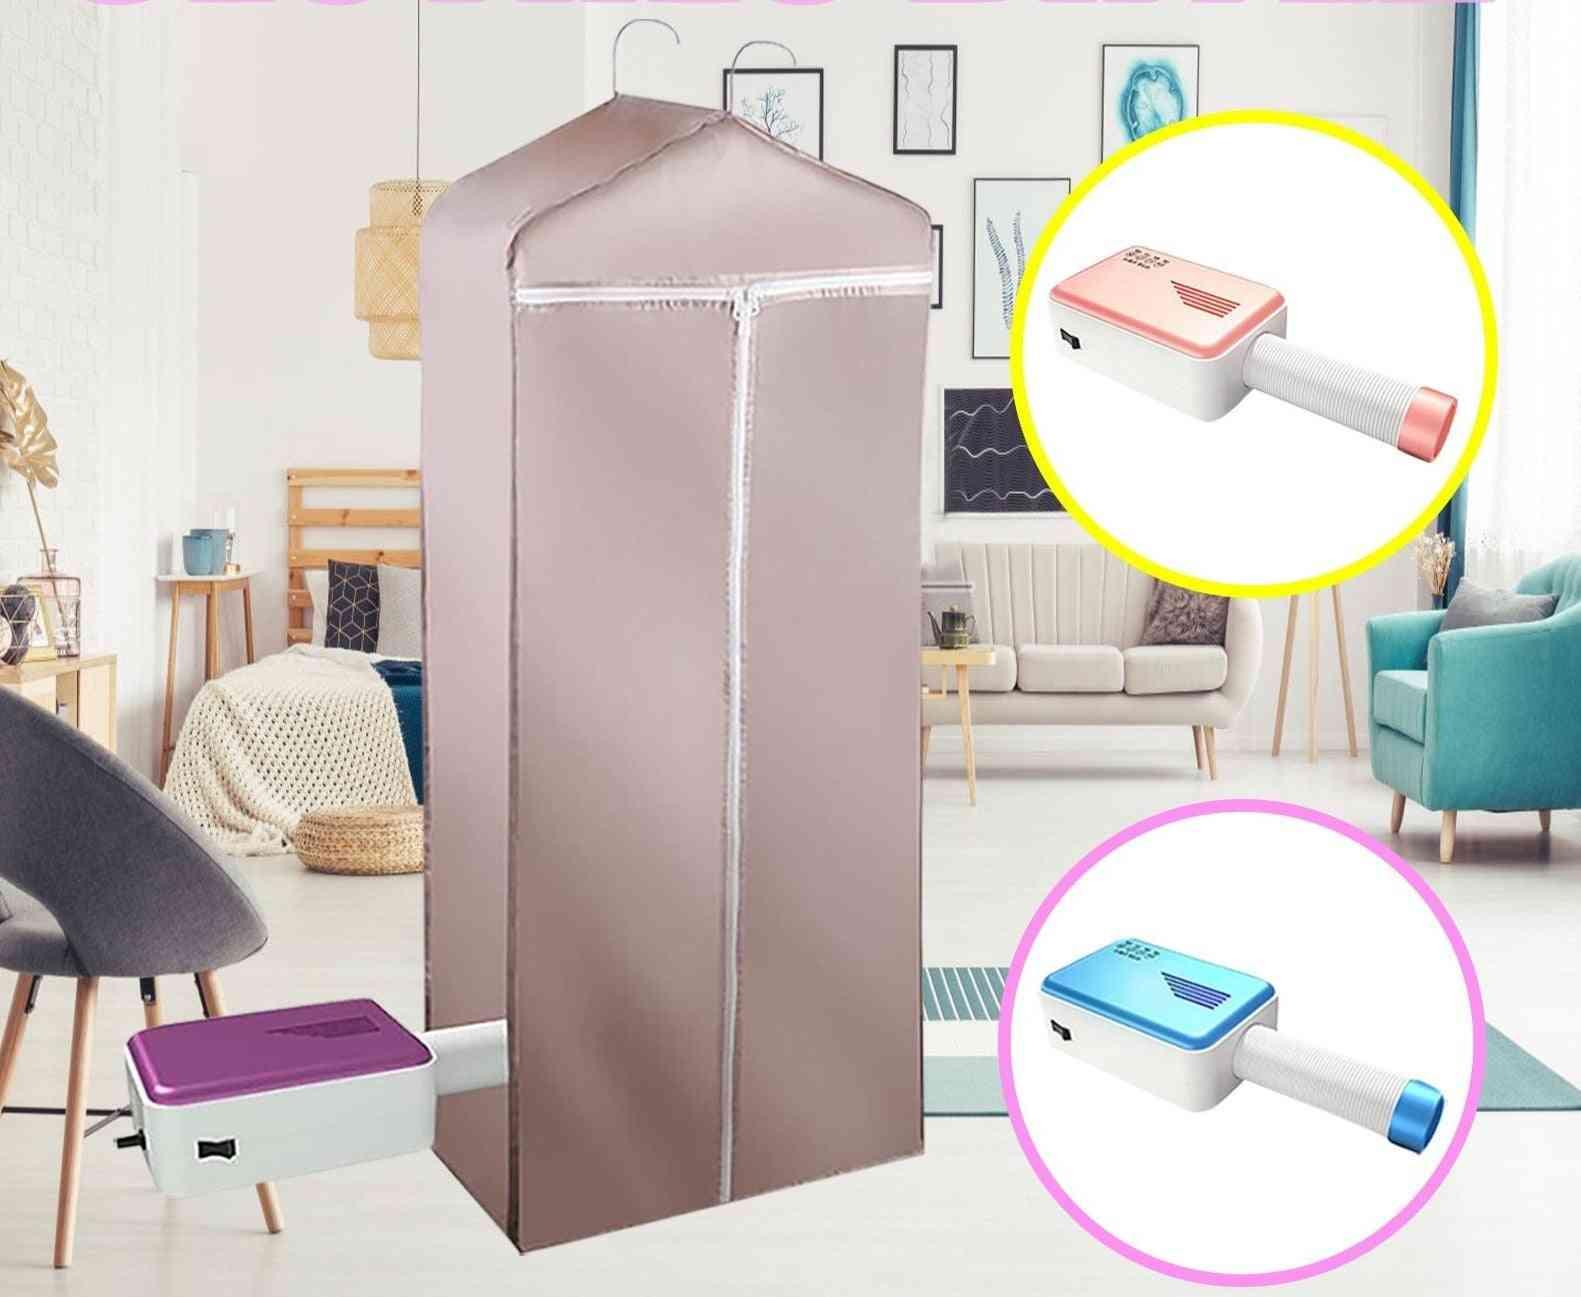 Underwear Sterilization Storage Dry Clothes Machine